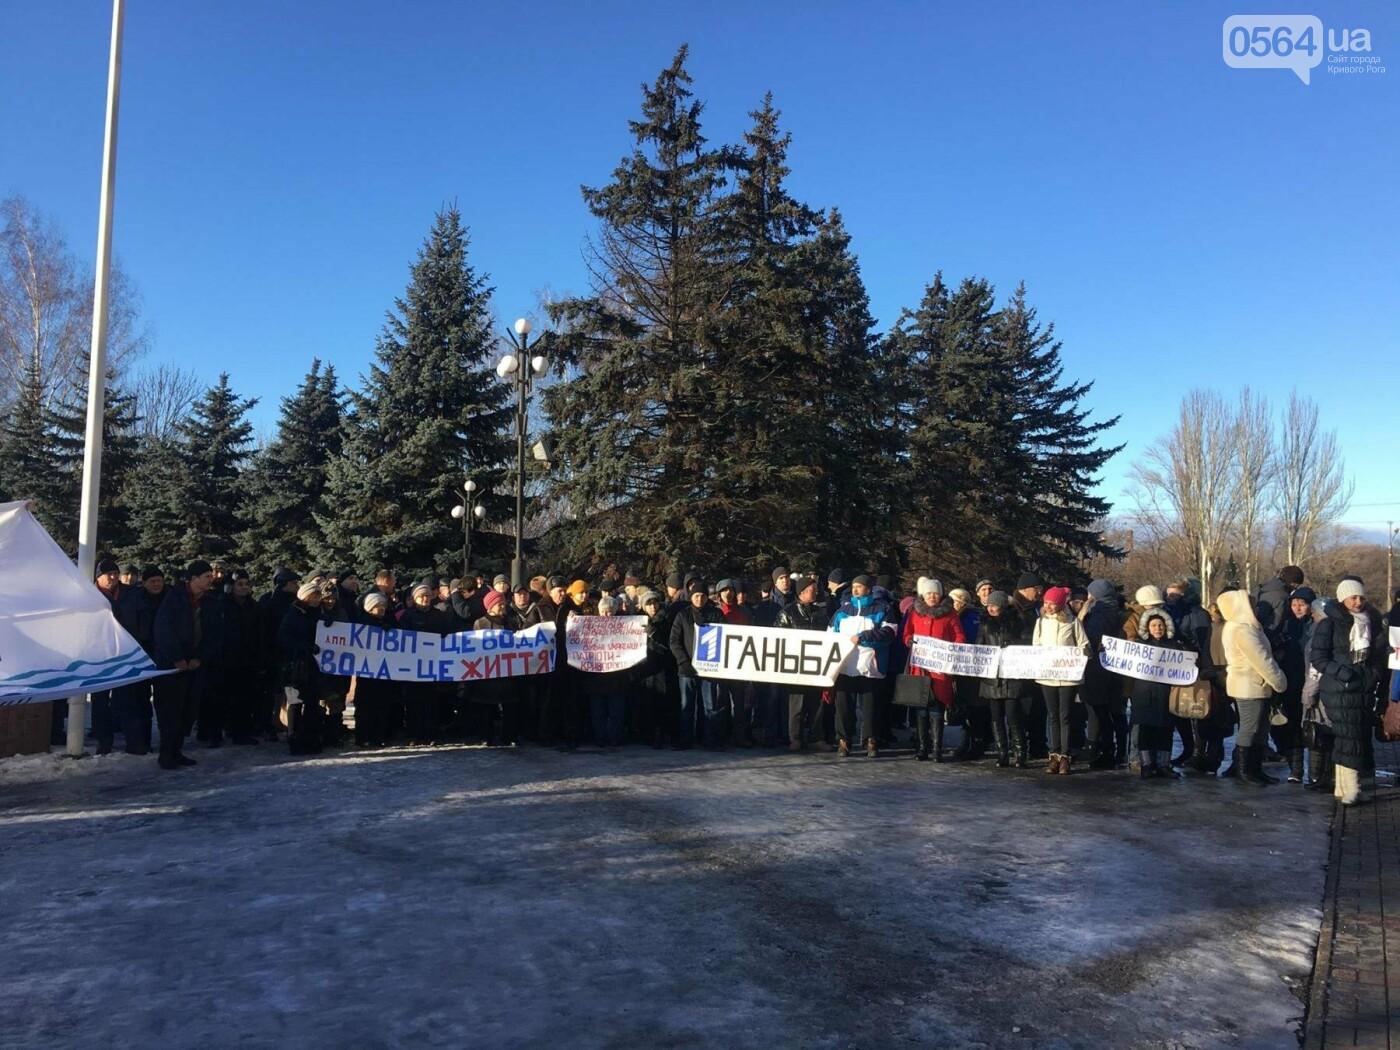 """""""Ми не ваші кріпаки..."""", - под Криворожским горсоветом проходит митинг сотрудников КПВП (ФОТО, ВИДЕО), фото-1"""